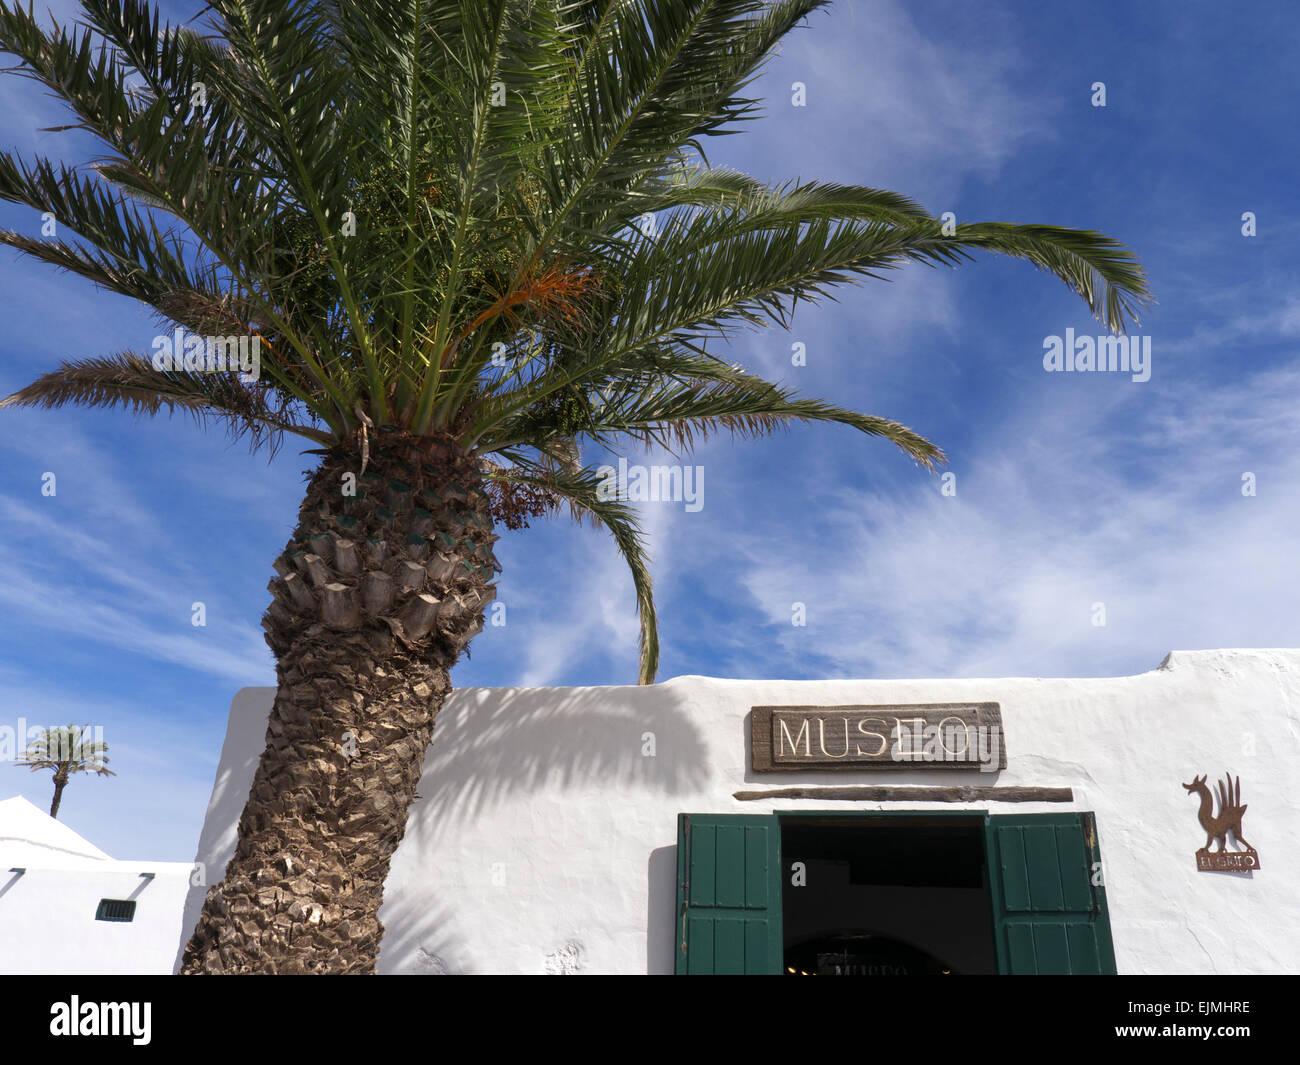 Cata de vinos de la bodega y el museo enmarcadas por palmeras en ...